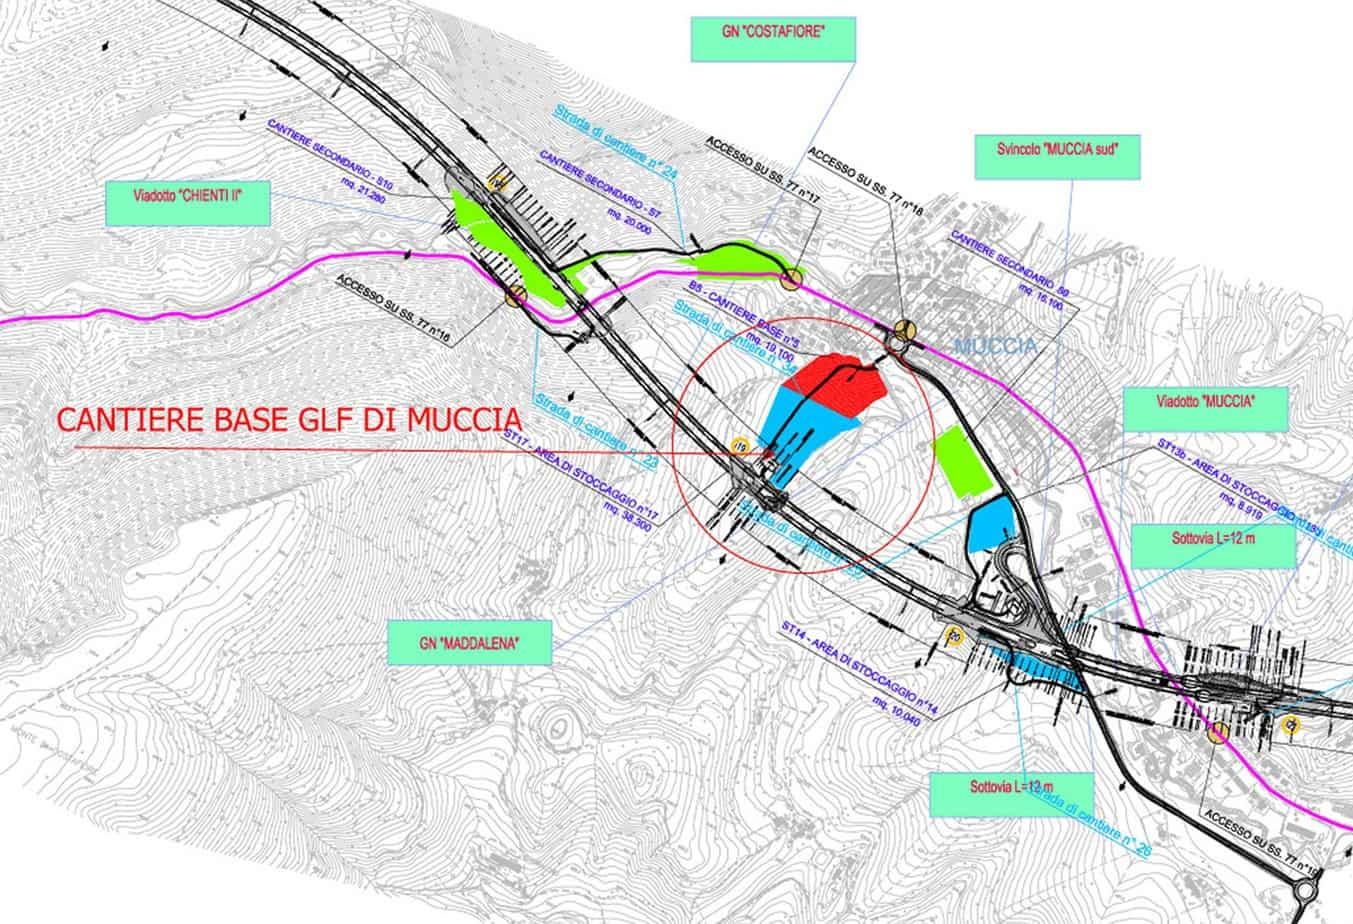 Il tracciato con l'ubicazione del viadotto Chienti 2 e del cantiere di base GLF